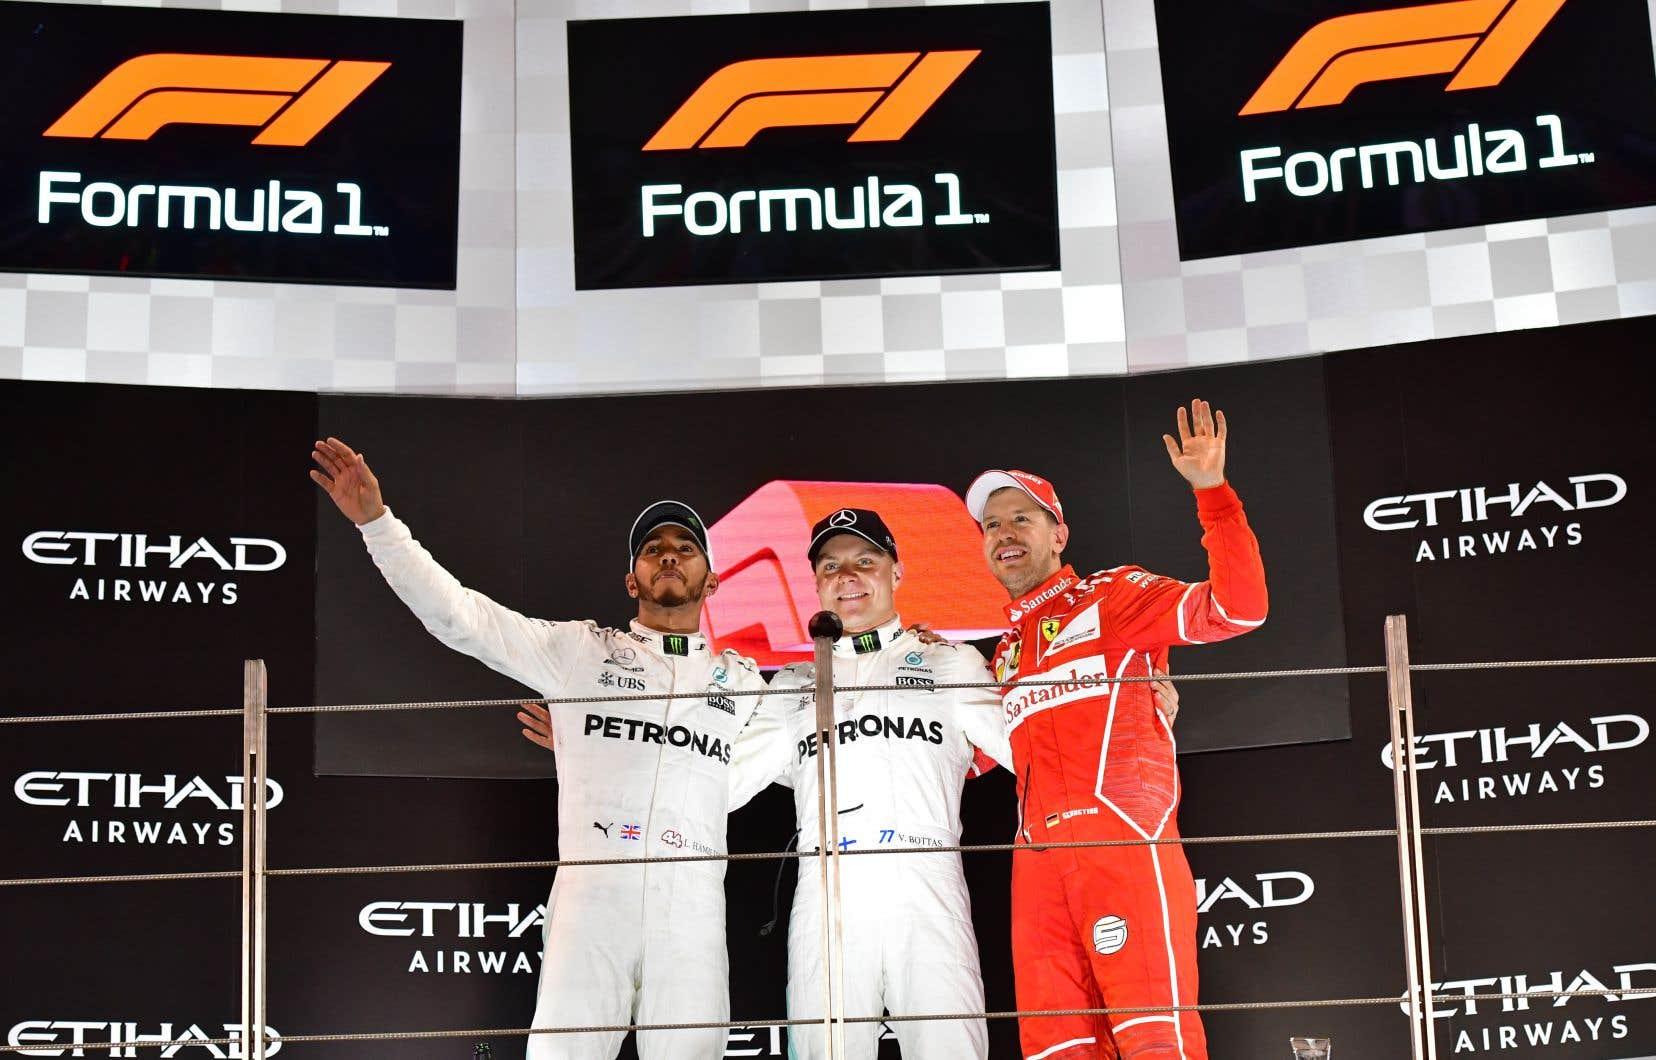 Valtteri Bottas et Sebastian Vettel célèbrent leur victoire sur le podium duGrand Prix d'Abou Dhabi.